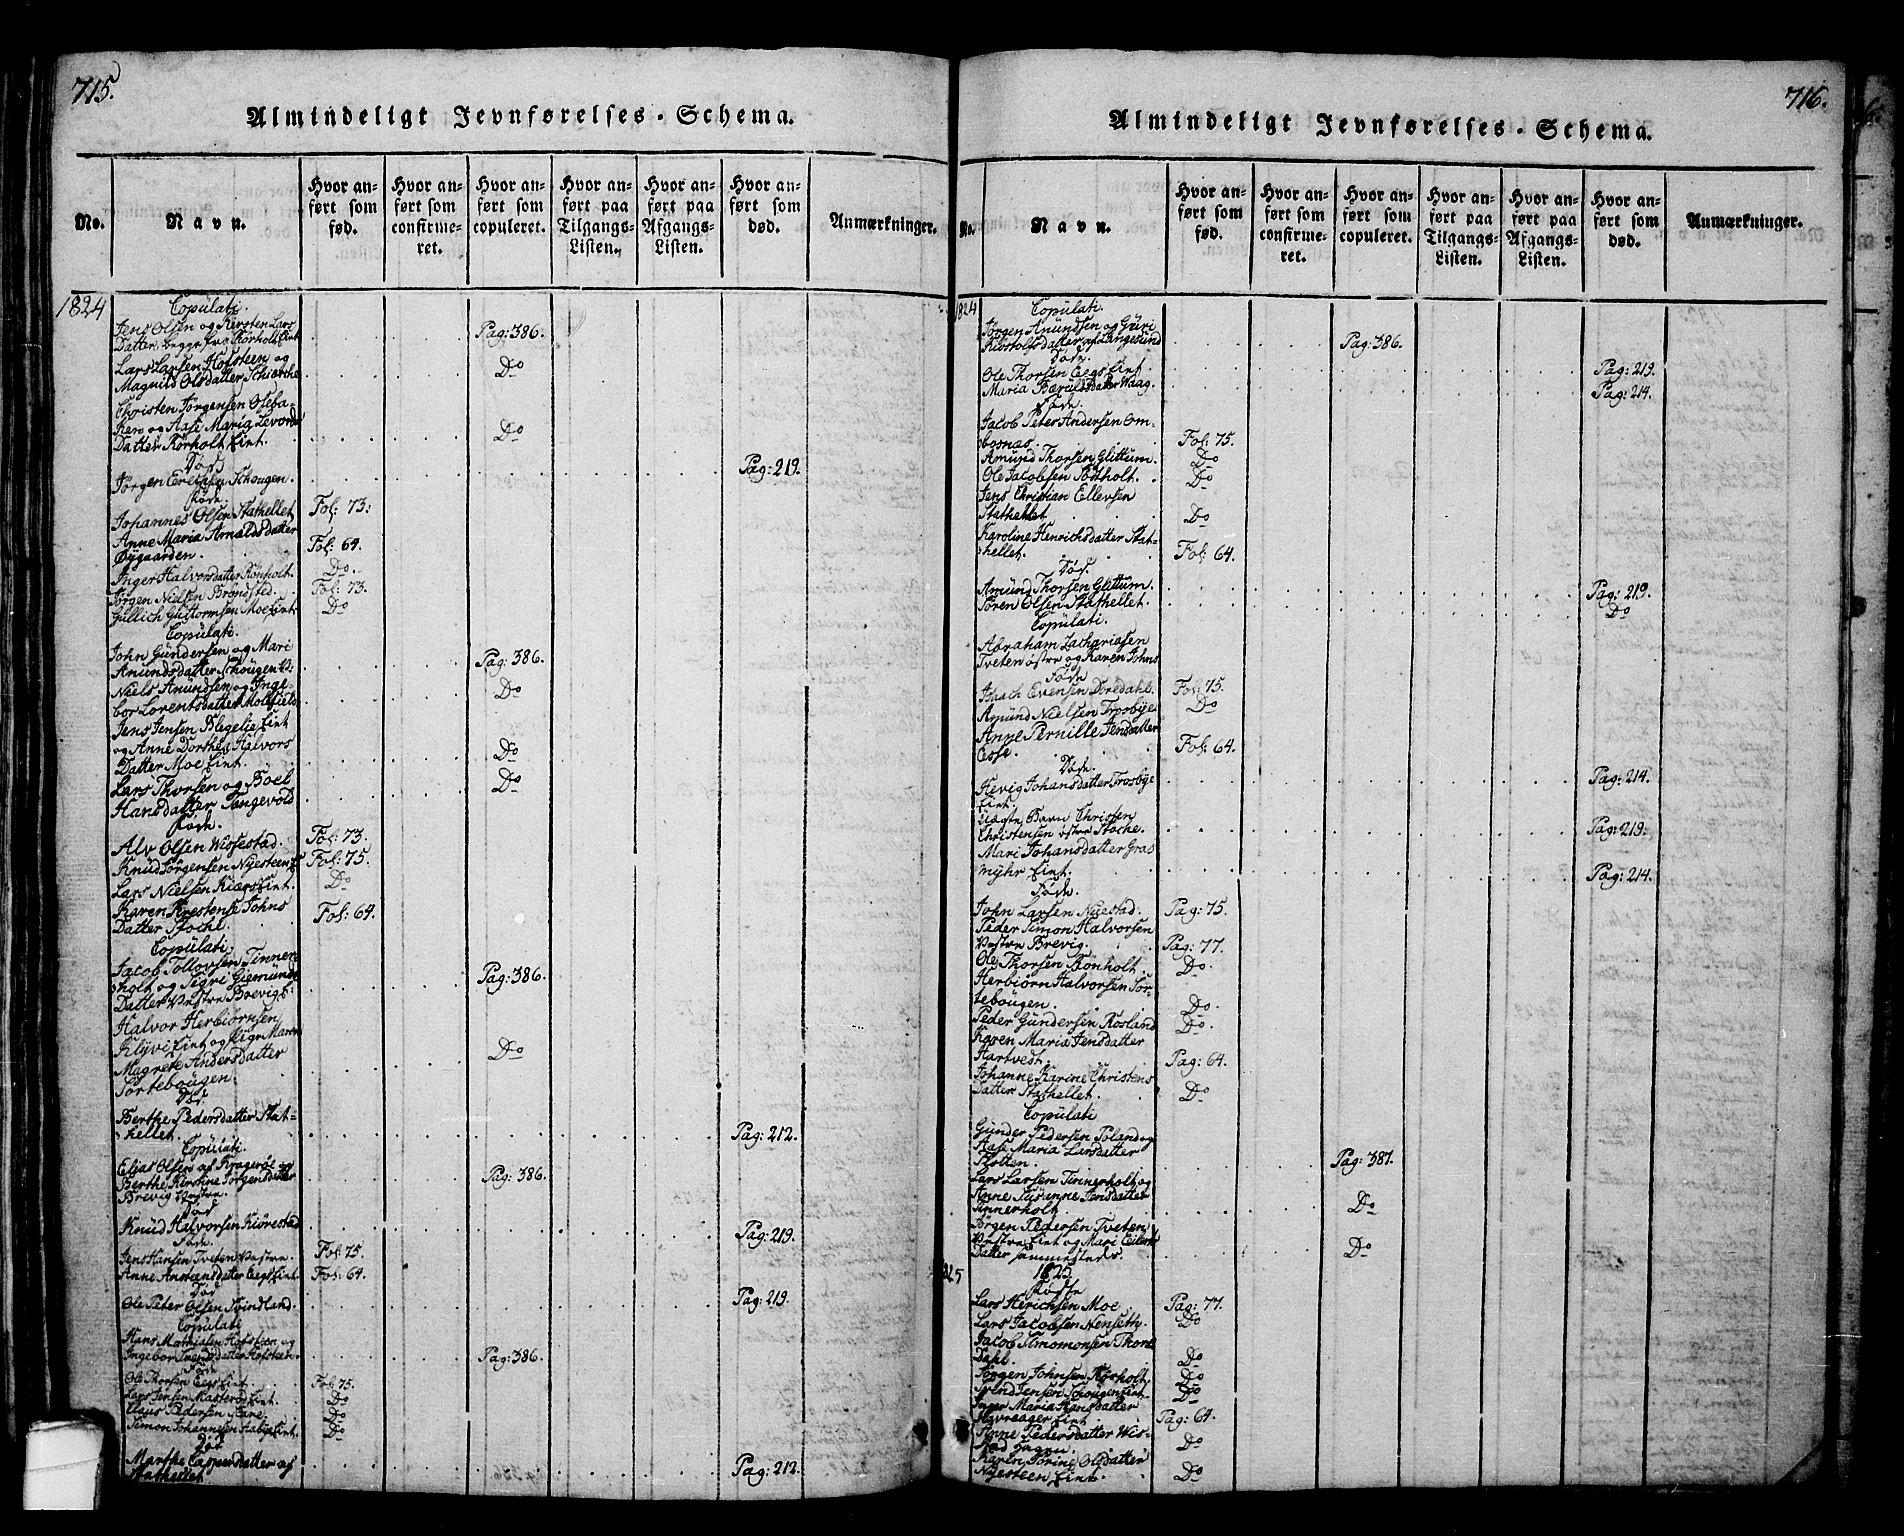 SAKO, Bamble kirkebøker, G/Ga/L0005: Klokkerbok nr. I 5, 1814-1855, s. 715-716